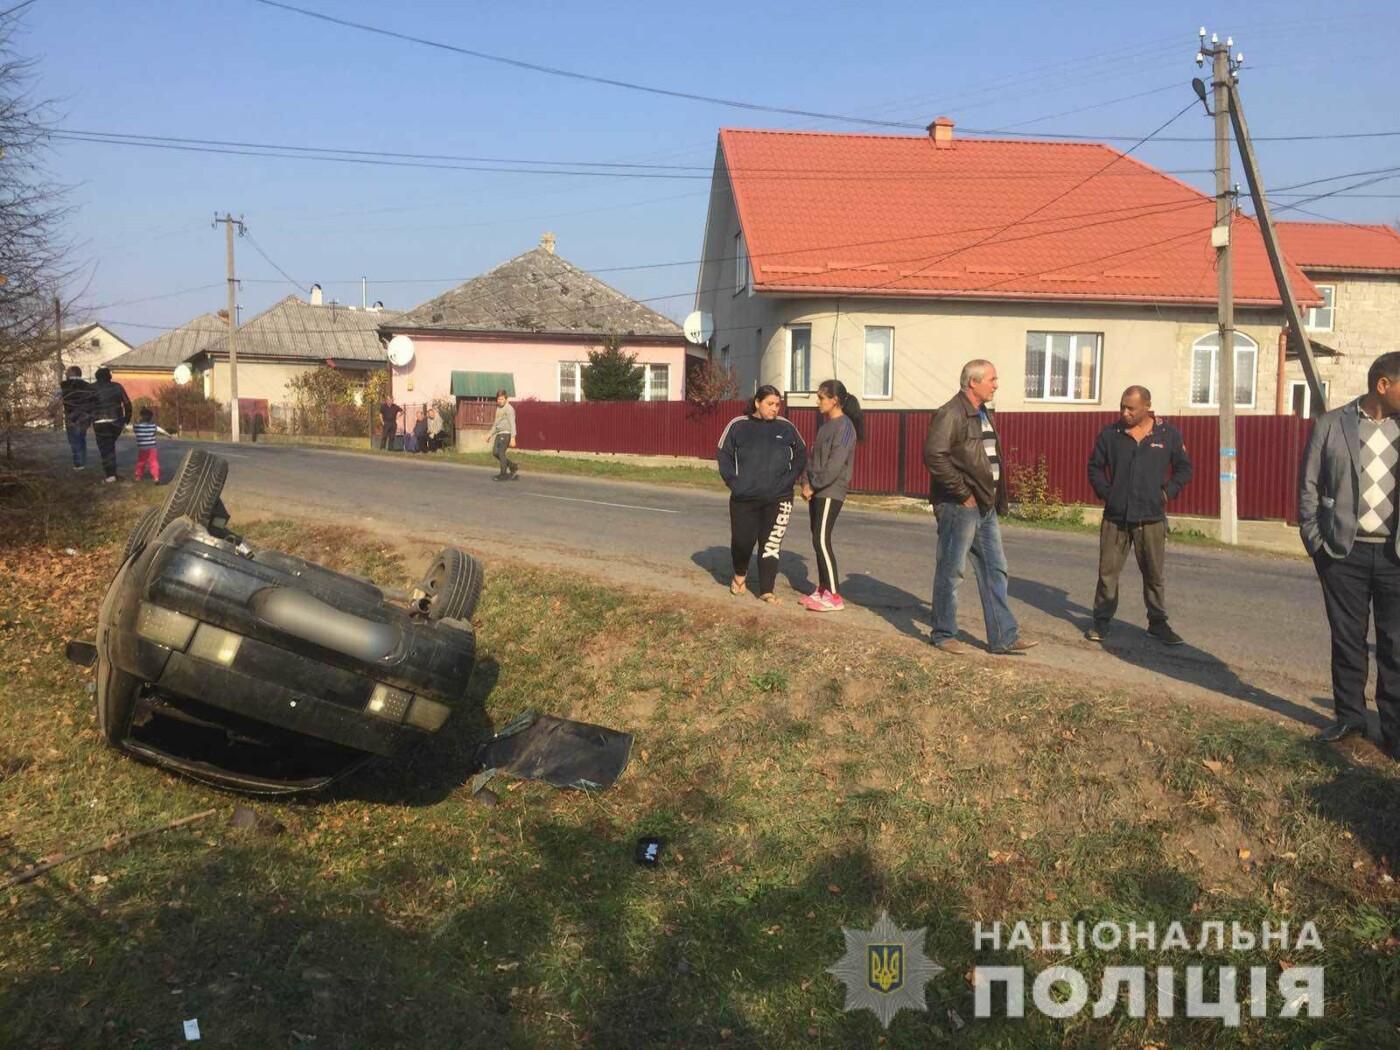 """Іноземець """"підрізав""""? Офіційні подробиці наїзду ВАЗ на пішоходів на Великоберезнянщині (ФОТО), фото-1"""